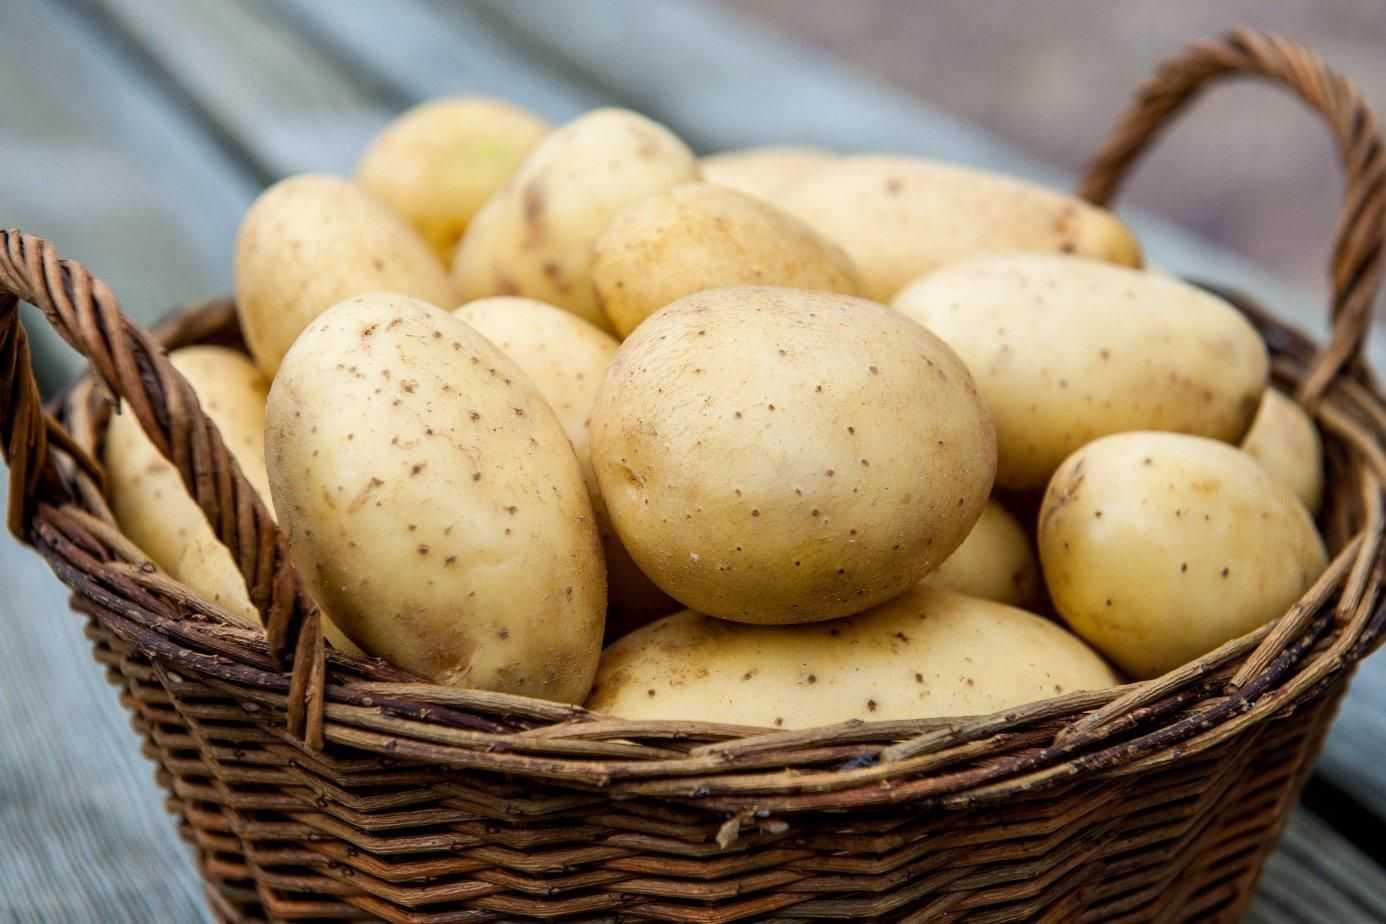 В каком виде можно употреблять картофель?